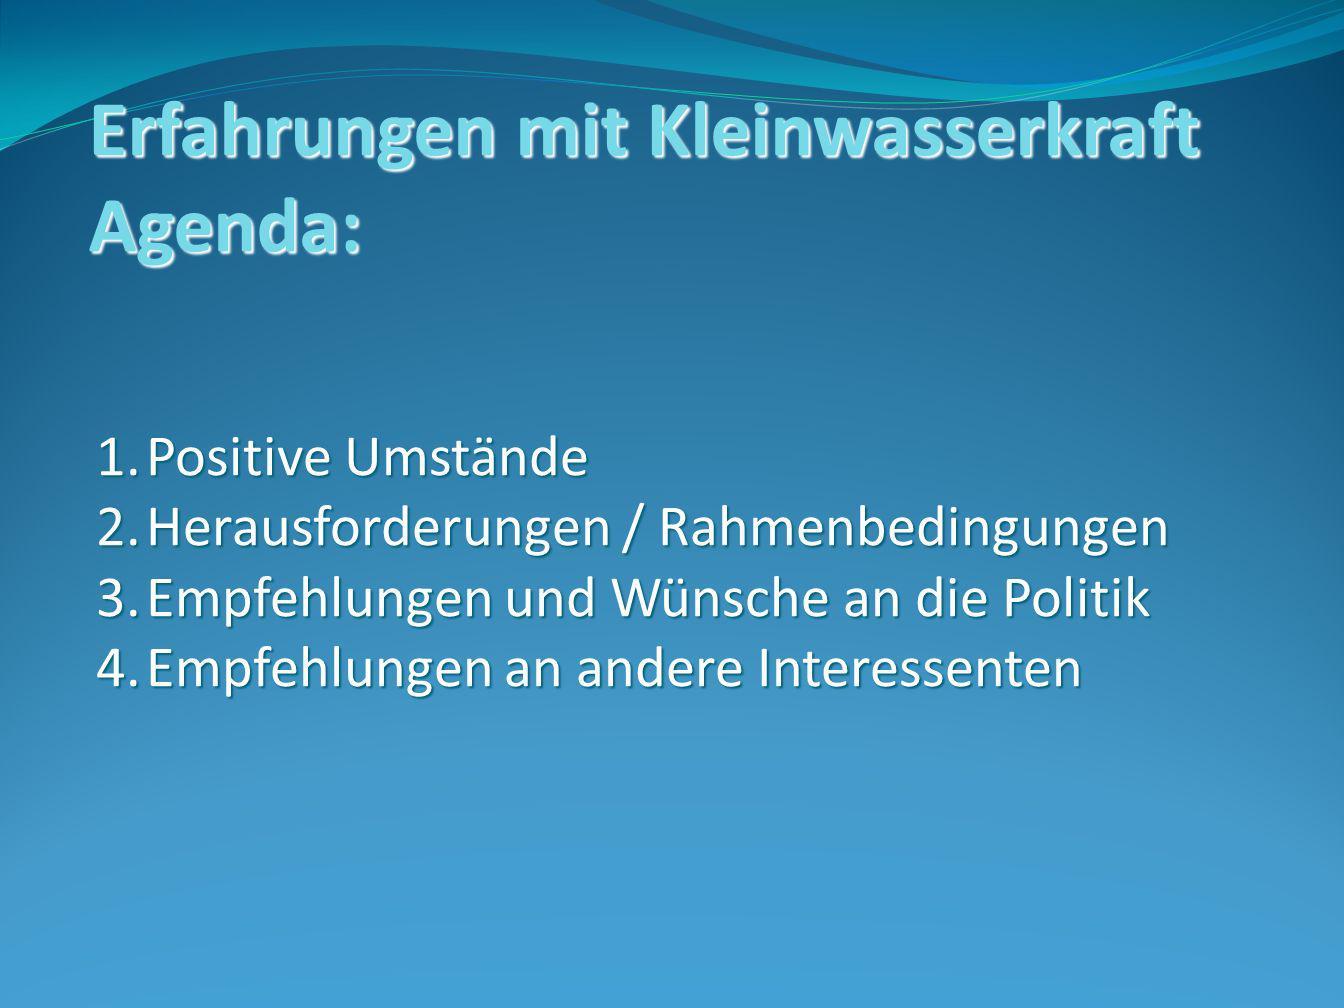 Erfahrungen mit Kleinwasserkraft Agenda: 1.Positive Umstände 2.Herausforderungen / Rahmenbedingungen 3.Empfehlungen und Wünsche an die Politik 4.Empfehlungen an andere Interessenten